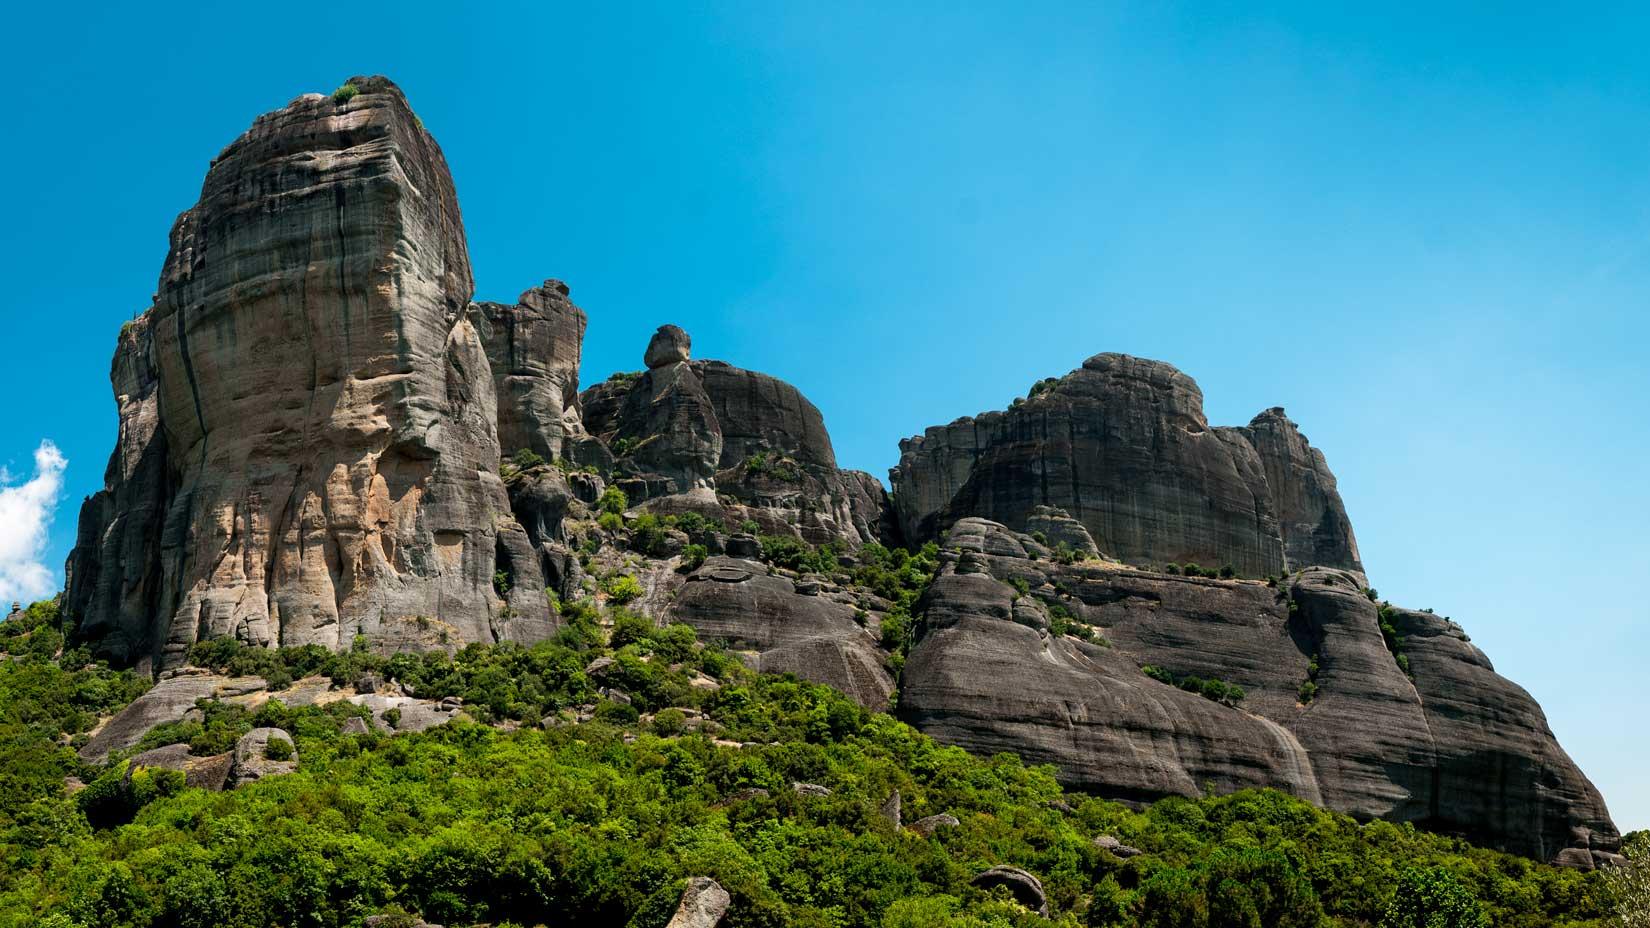 Odtud, z žabí perspektivy není vidět, ale na tom nejvyšším skalisku je vybudován Μονή Αγίας Τριάδος